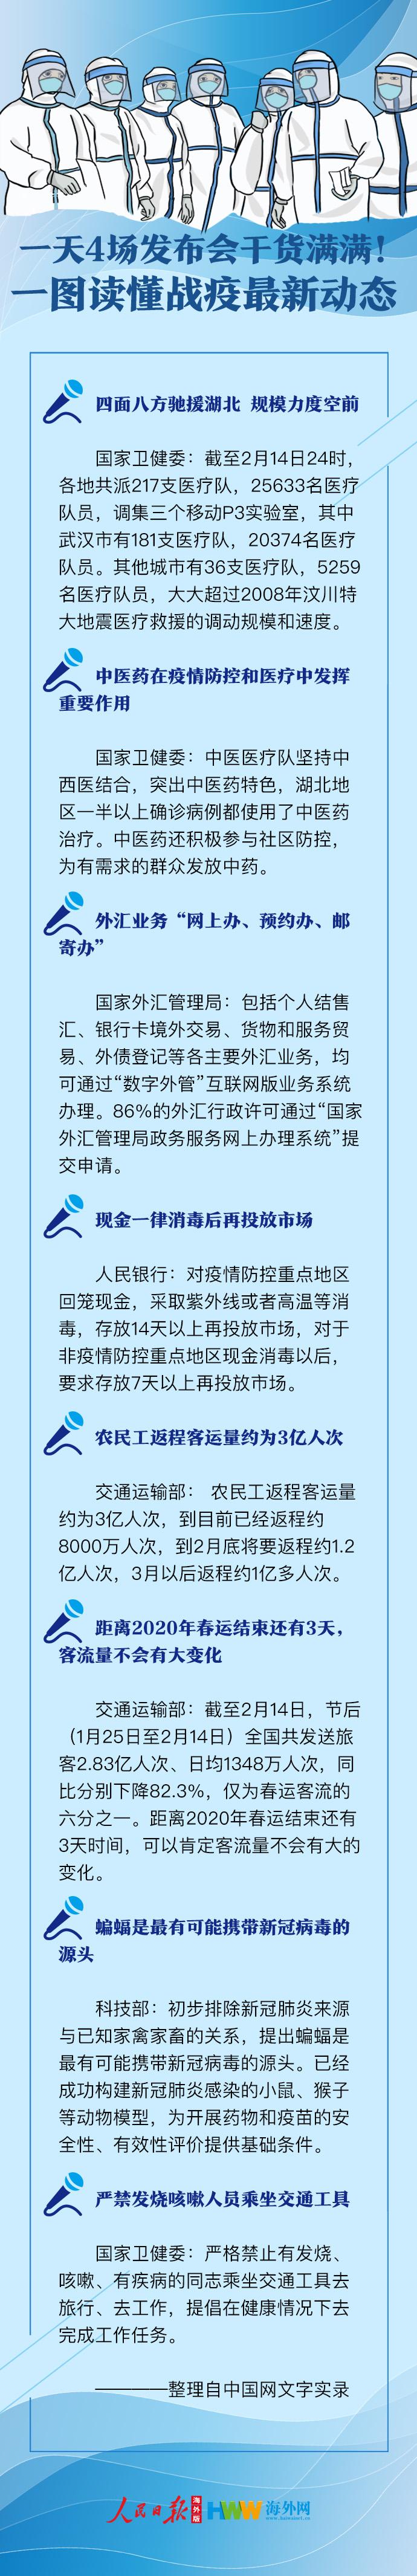 微信图片_20200215214939.jpg